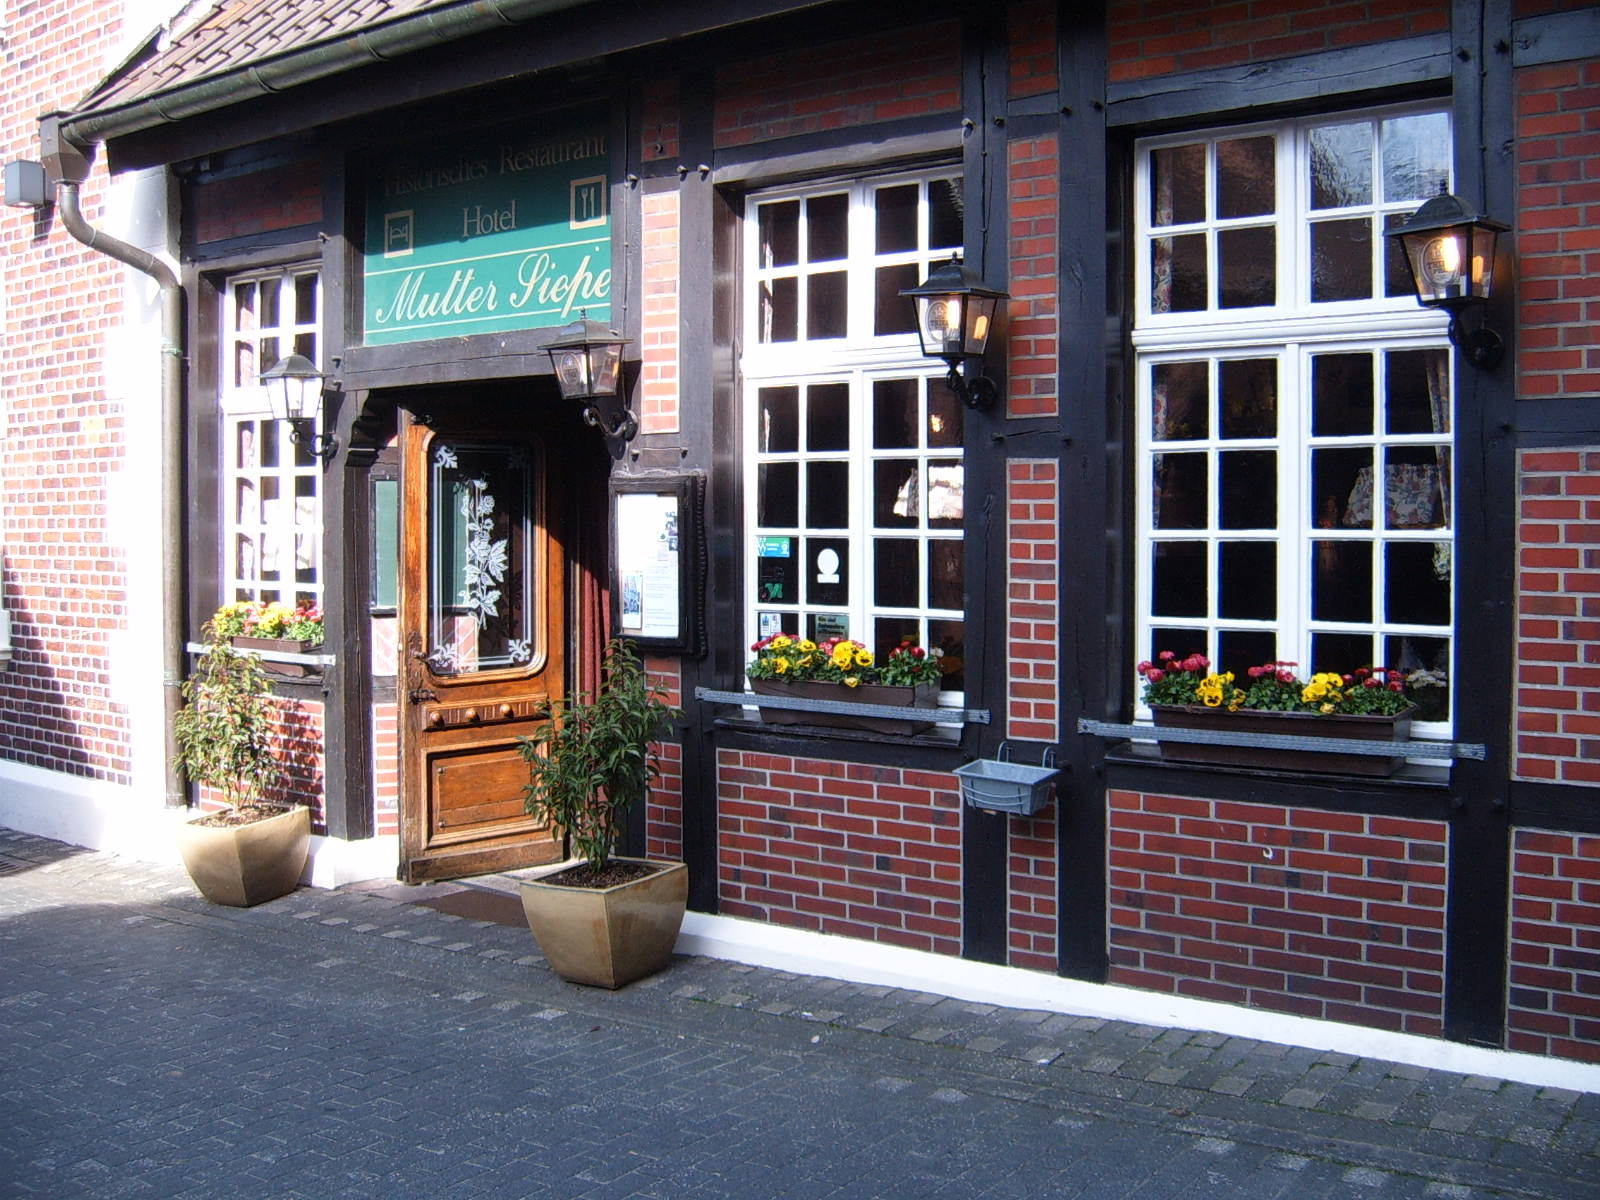 Hotel Mutter Siepe Historisches Hotel